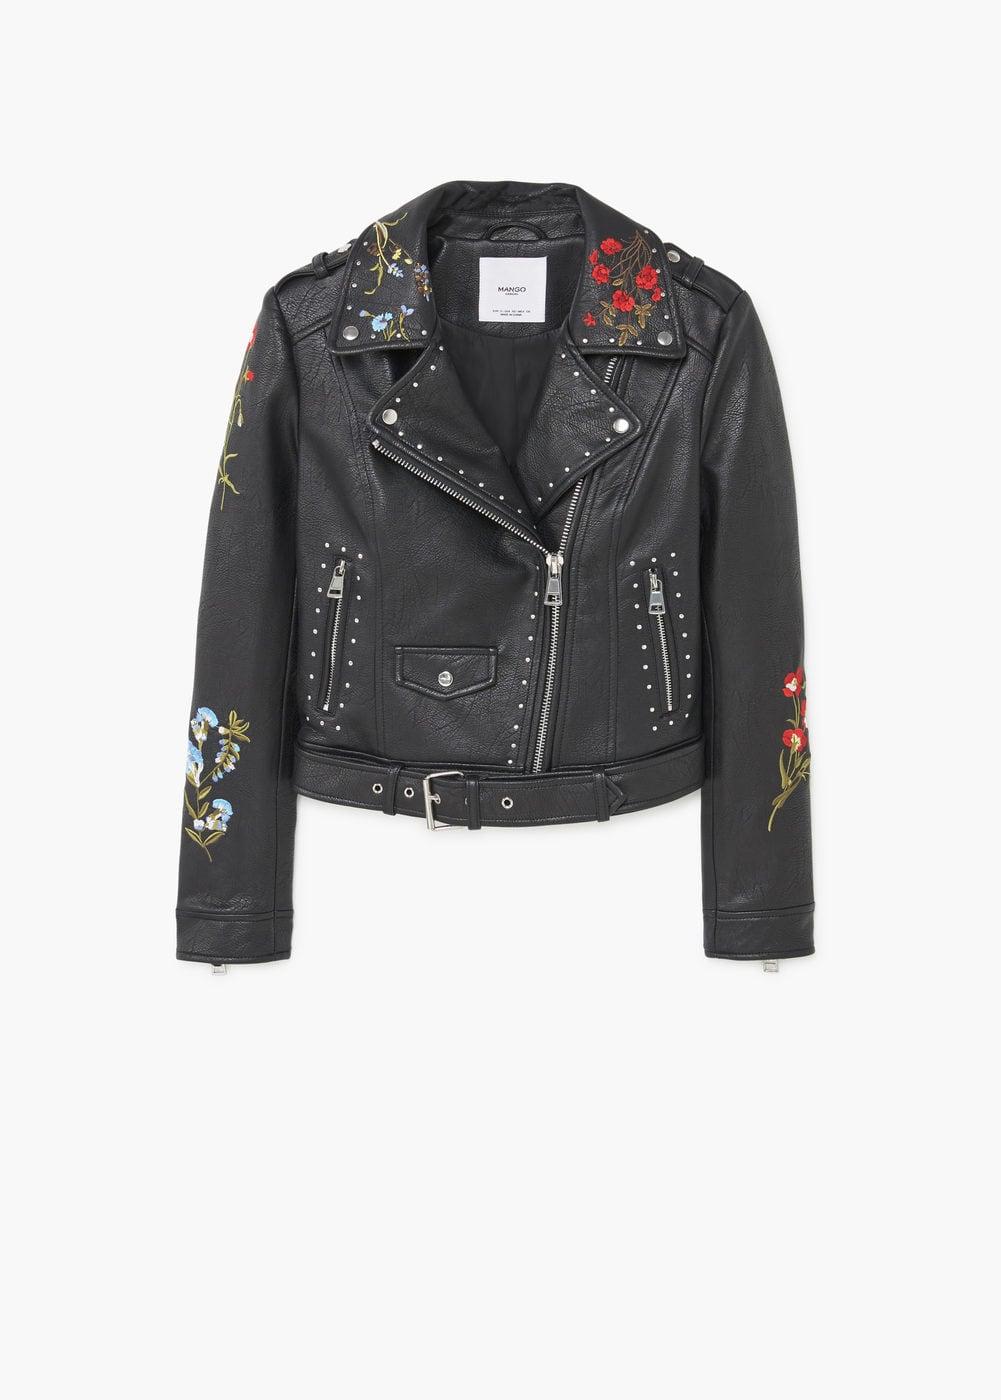 MAngo embroidered stud jacket $99.99